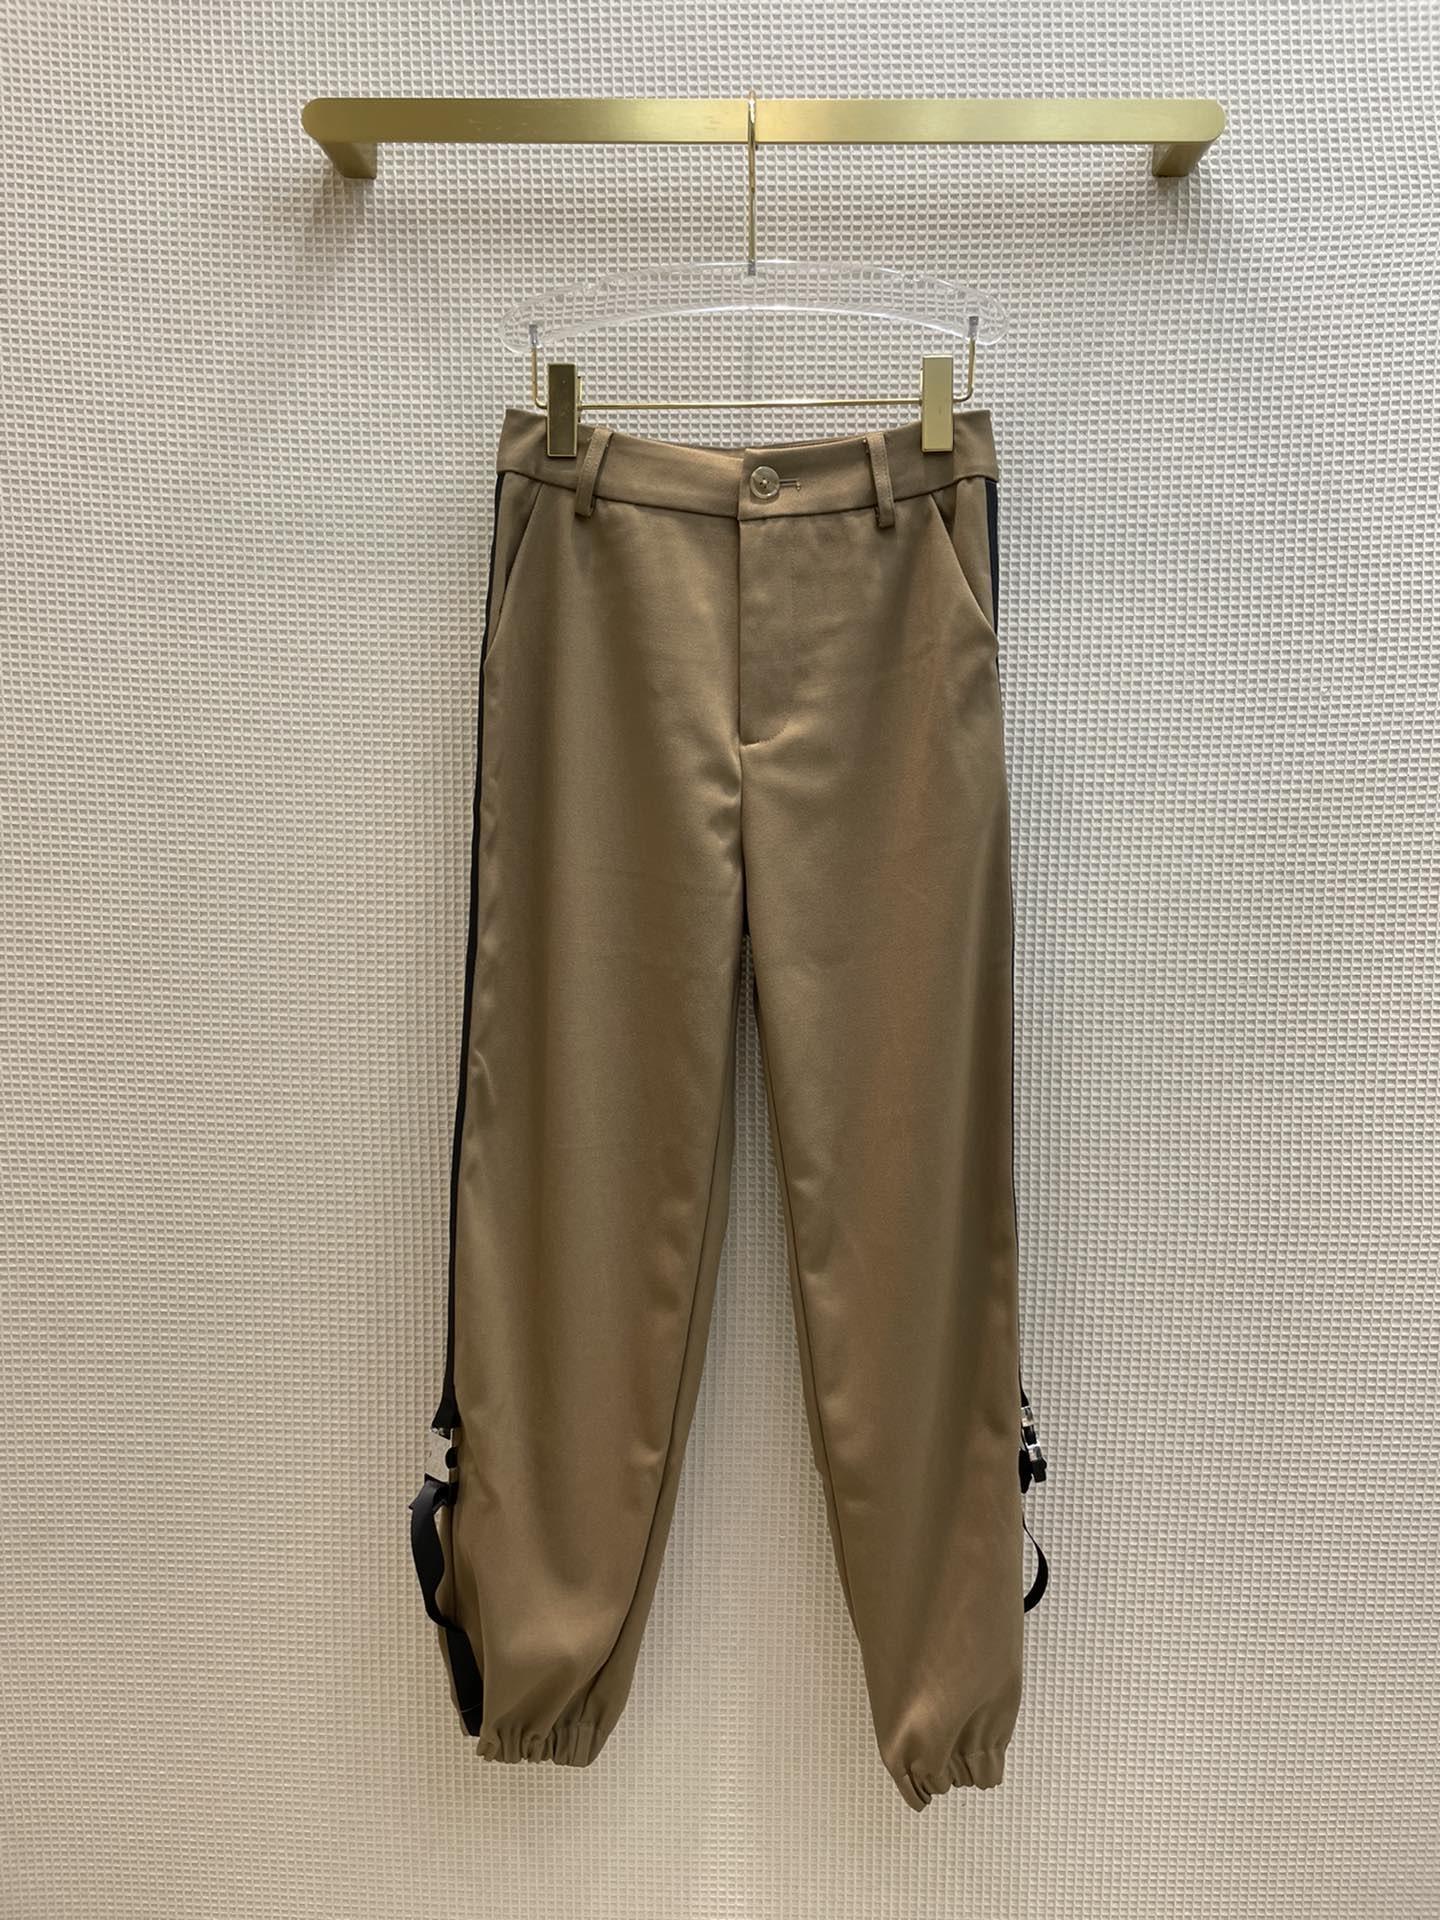 Milan Pist Pantolon 2021 Sonbahar Spor Giyim İlkbahar Yaz Moda Tasarımcısı Pantolon Marka Aynı Stil Pantolon 0829-15